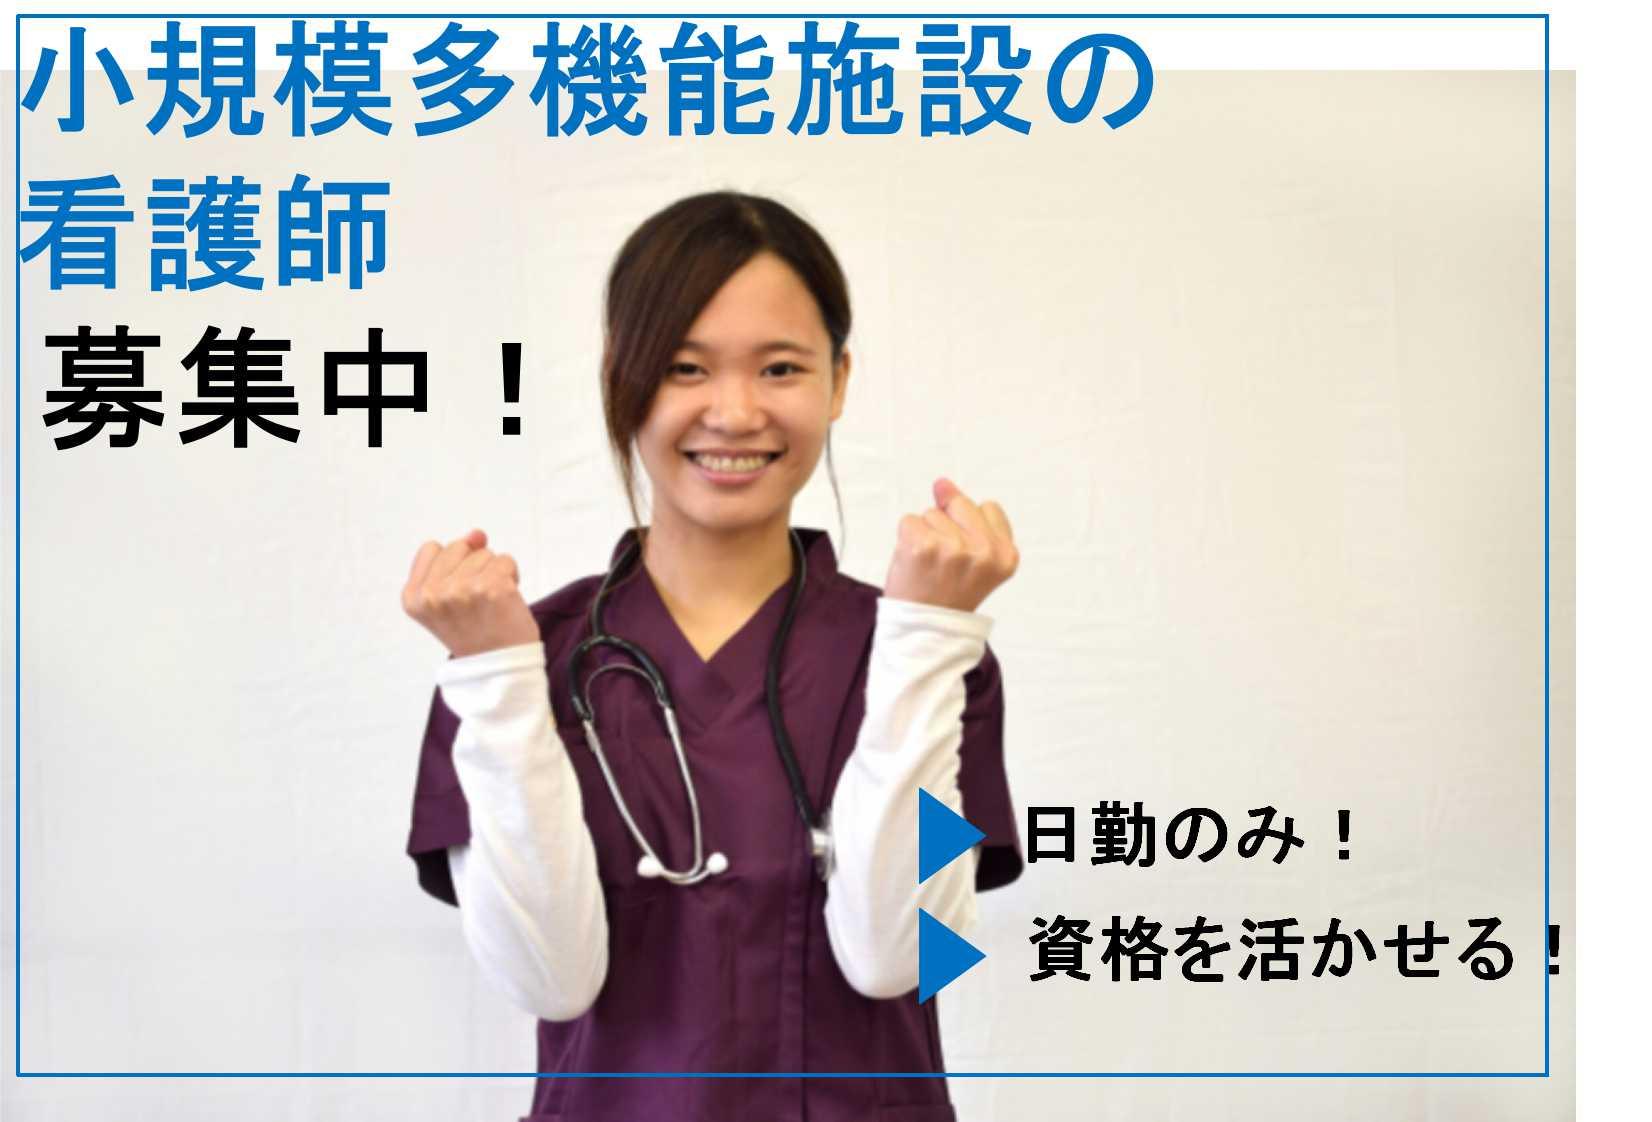 時給1400円から♪ブランクOK!小規模多機能施設の看護師【即面談可能】 イメージ